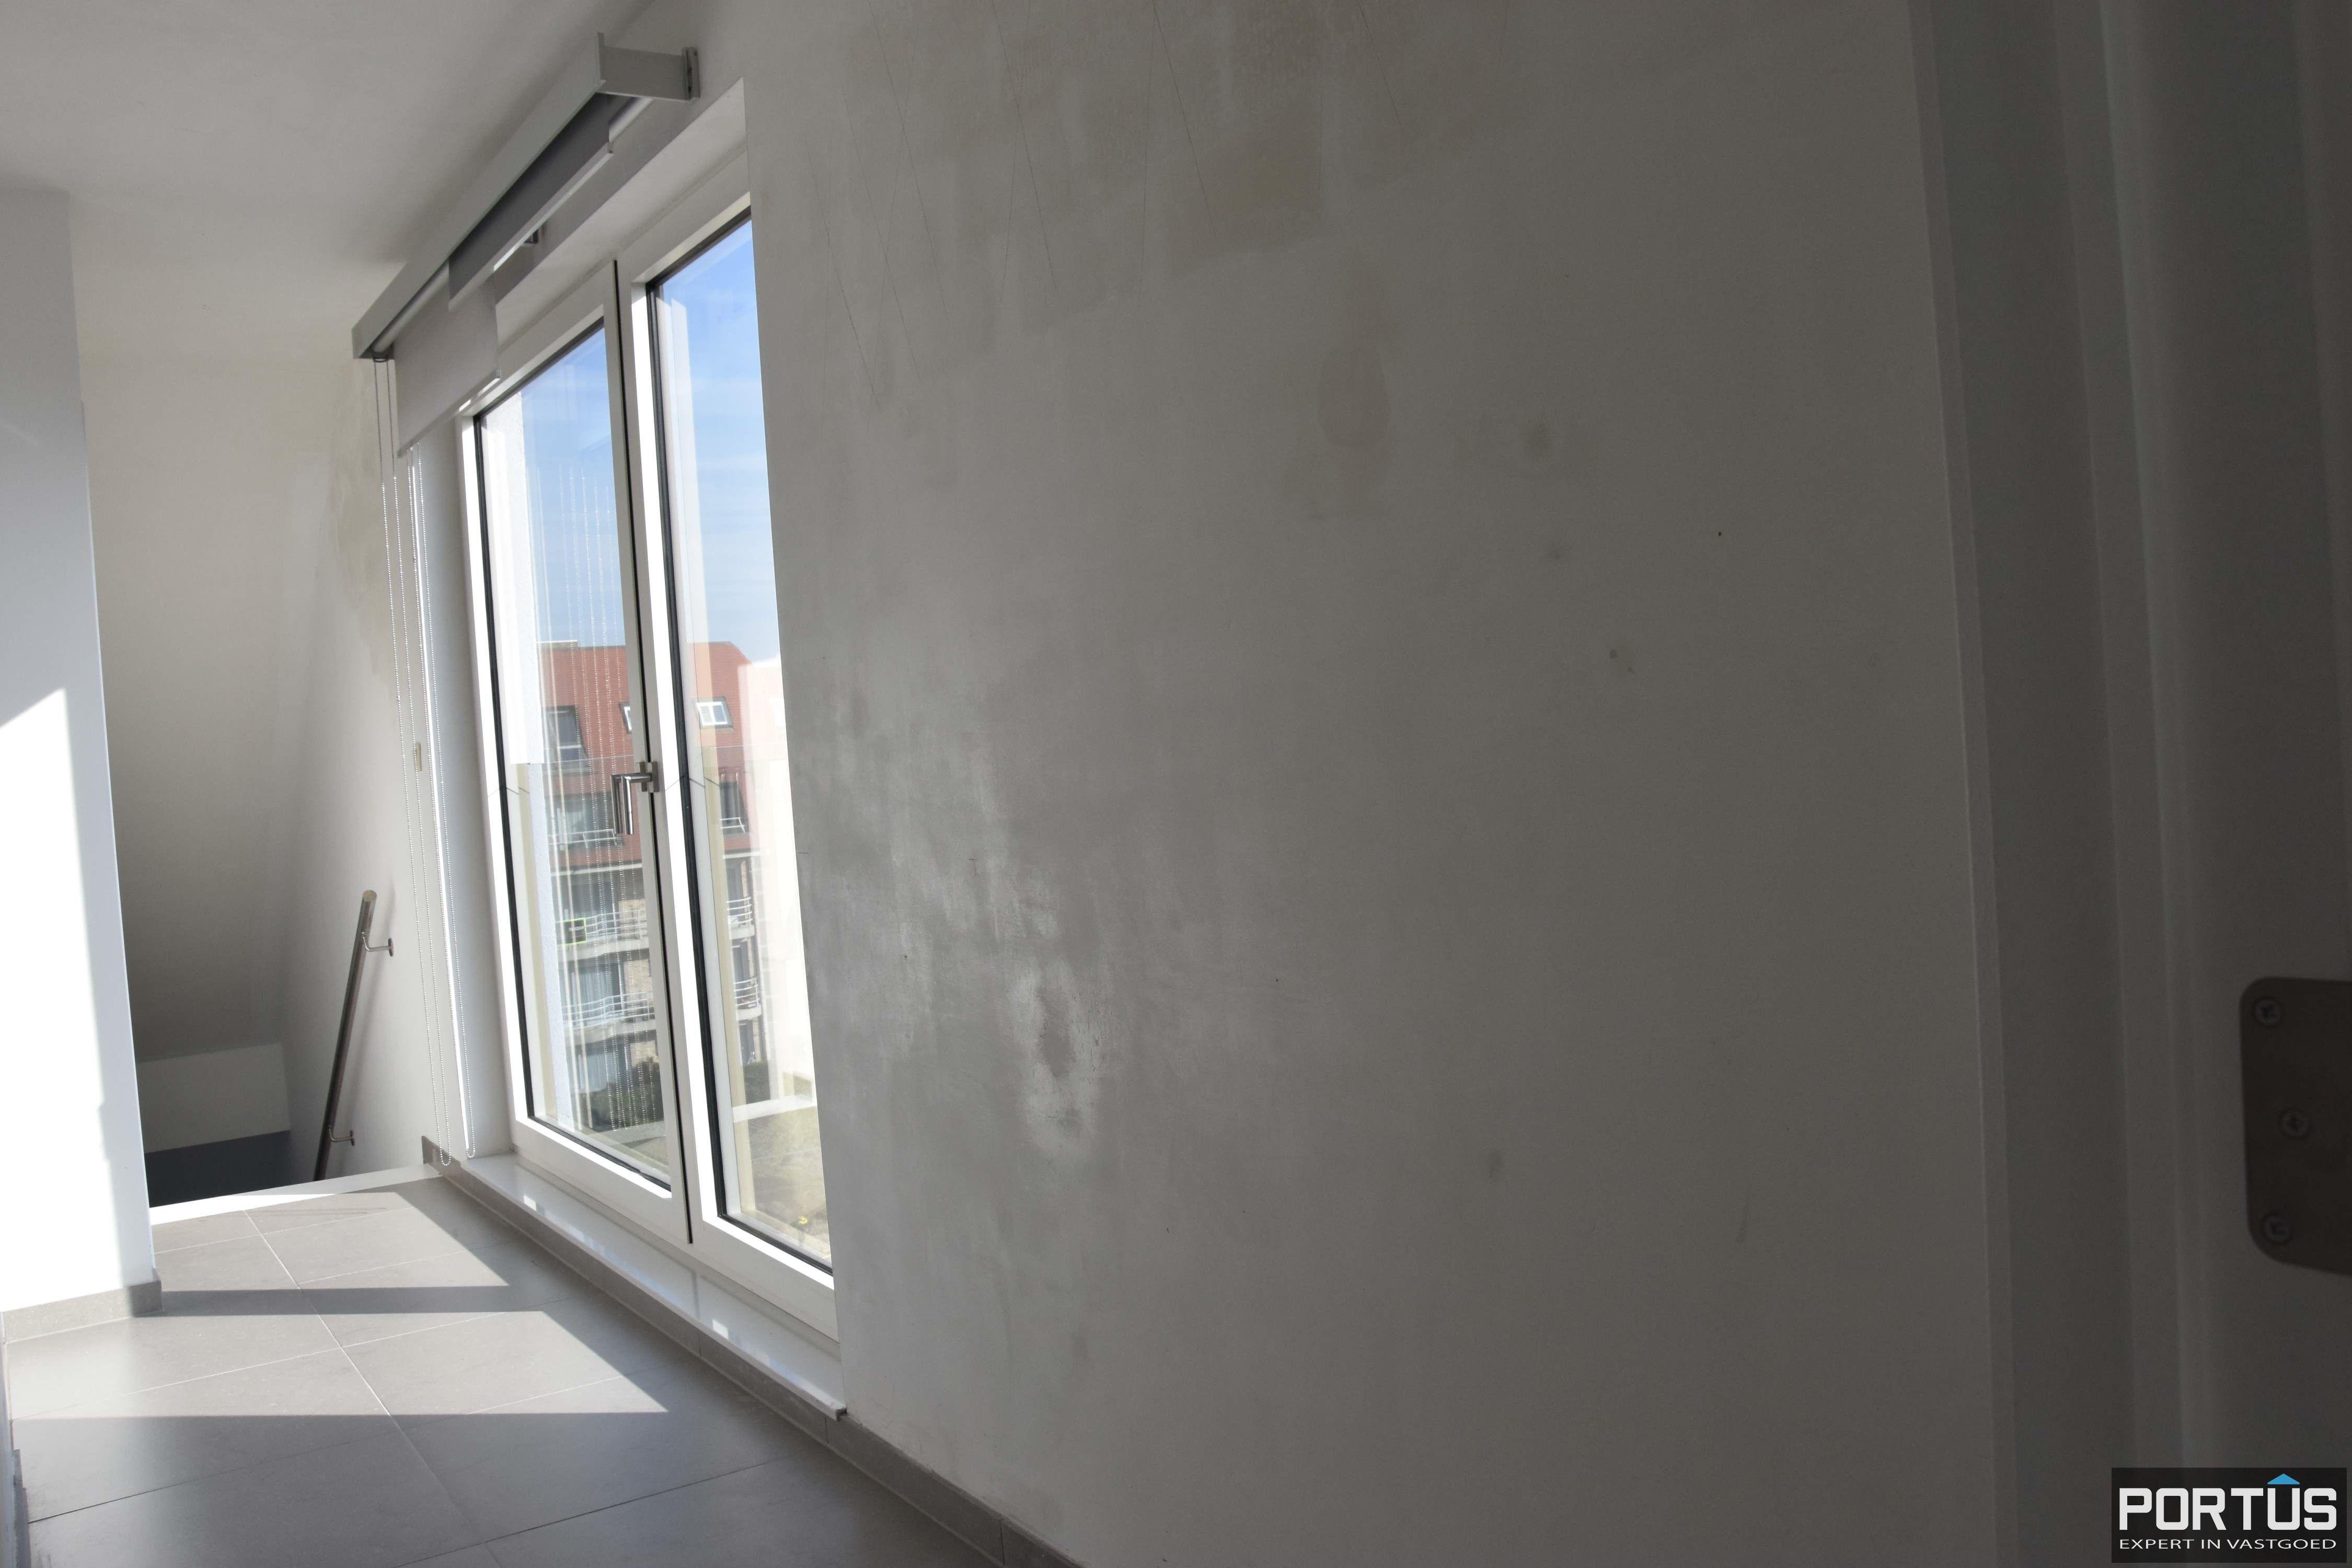 Recent appartement te huur met 3 slaapkamers, kelderberging en parking - 11120